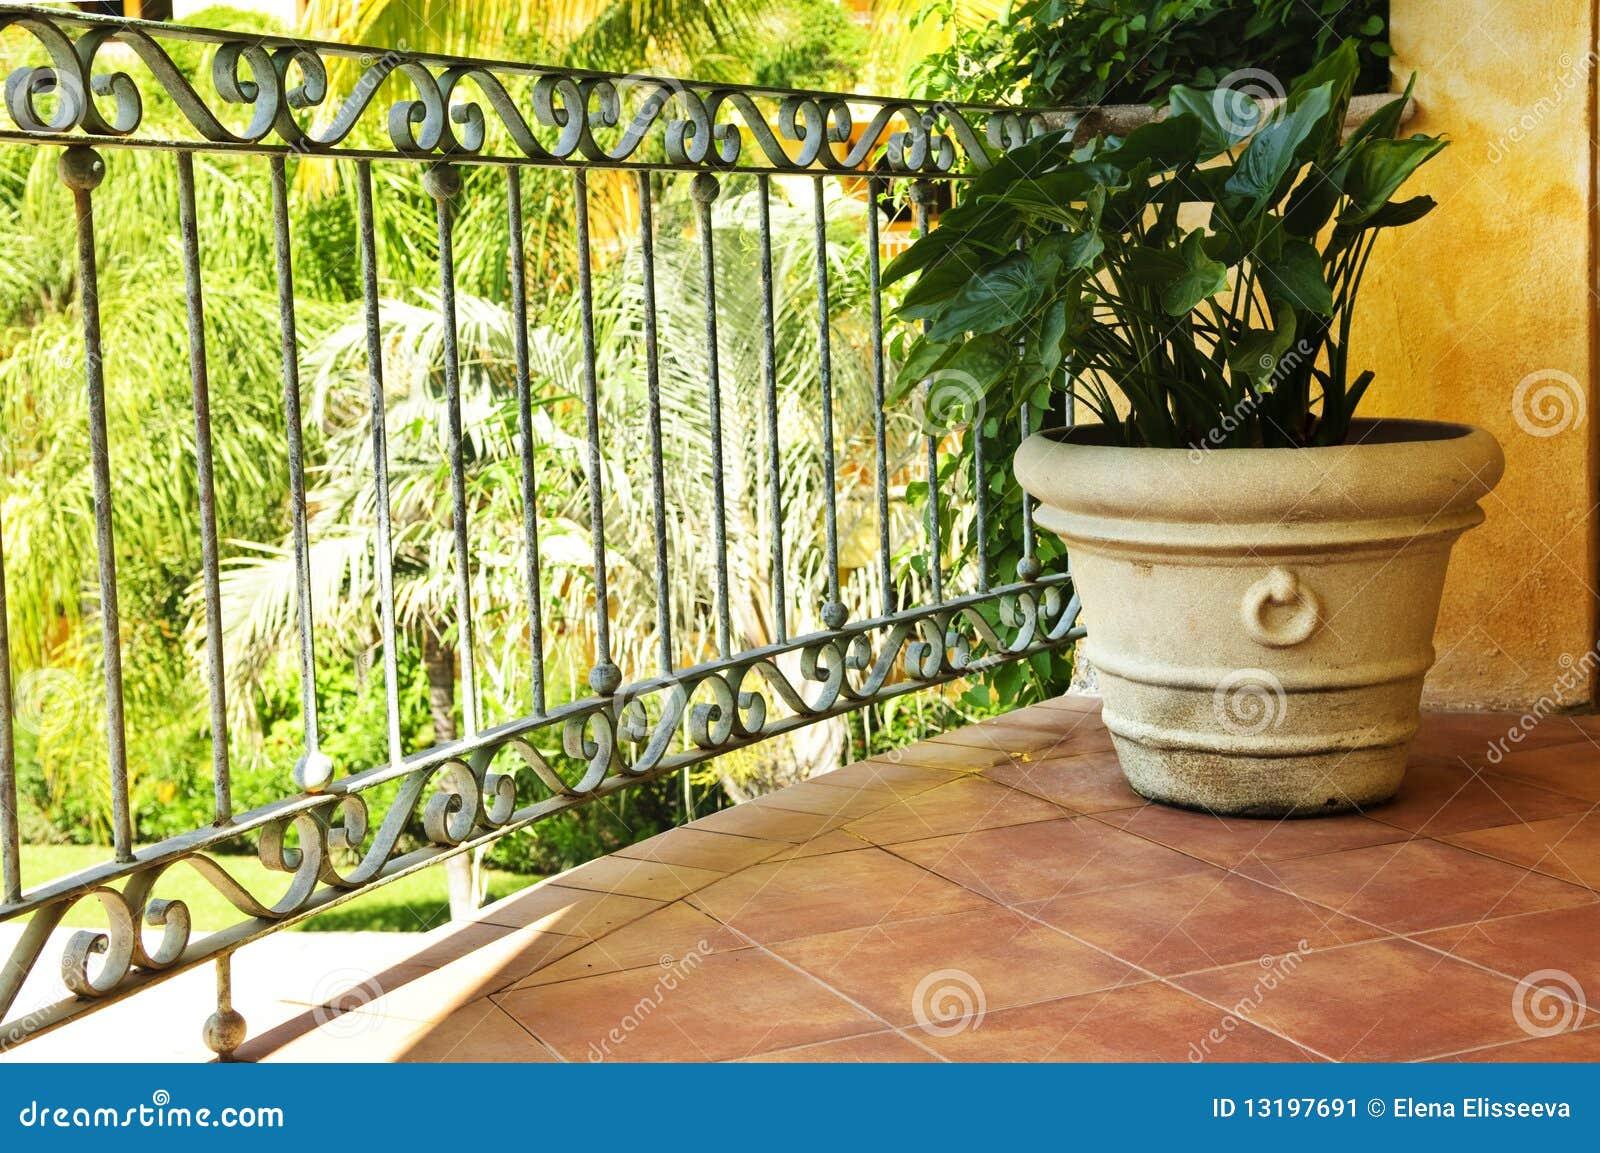 Pianta sulla veranda messicana coperta di tegoli immagine for Piani di veranda coperta